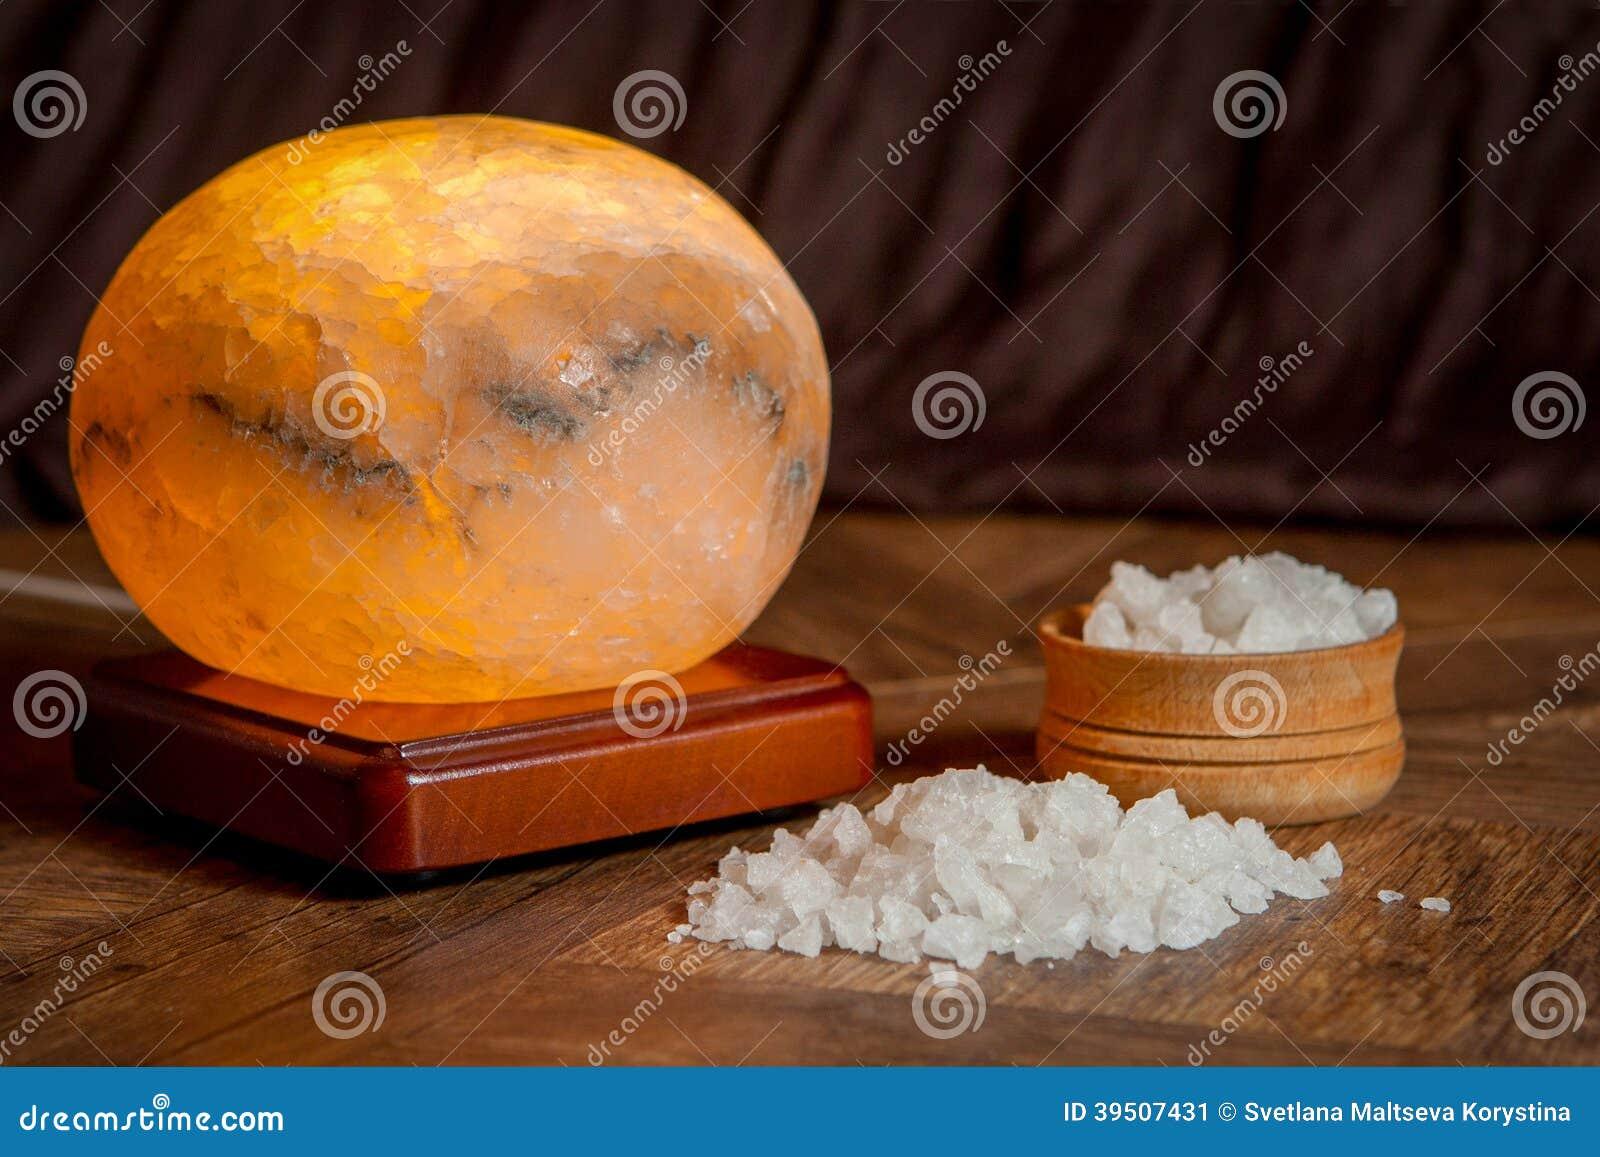 Sea salt and salt lamp